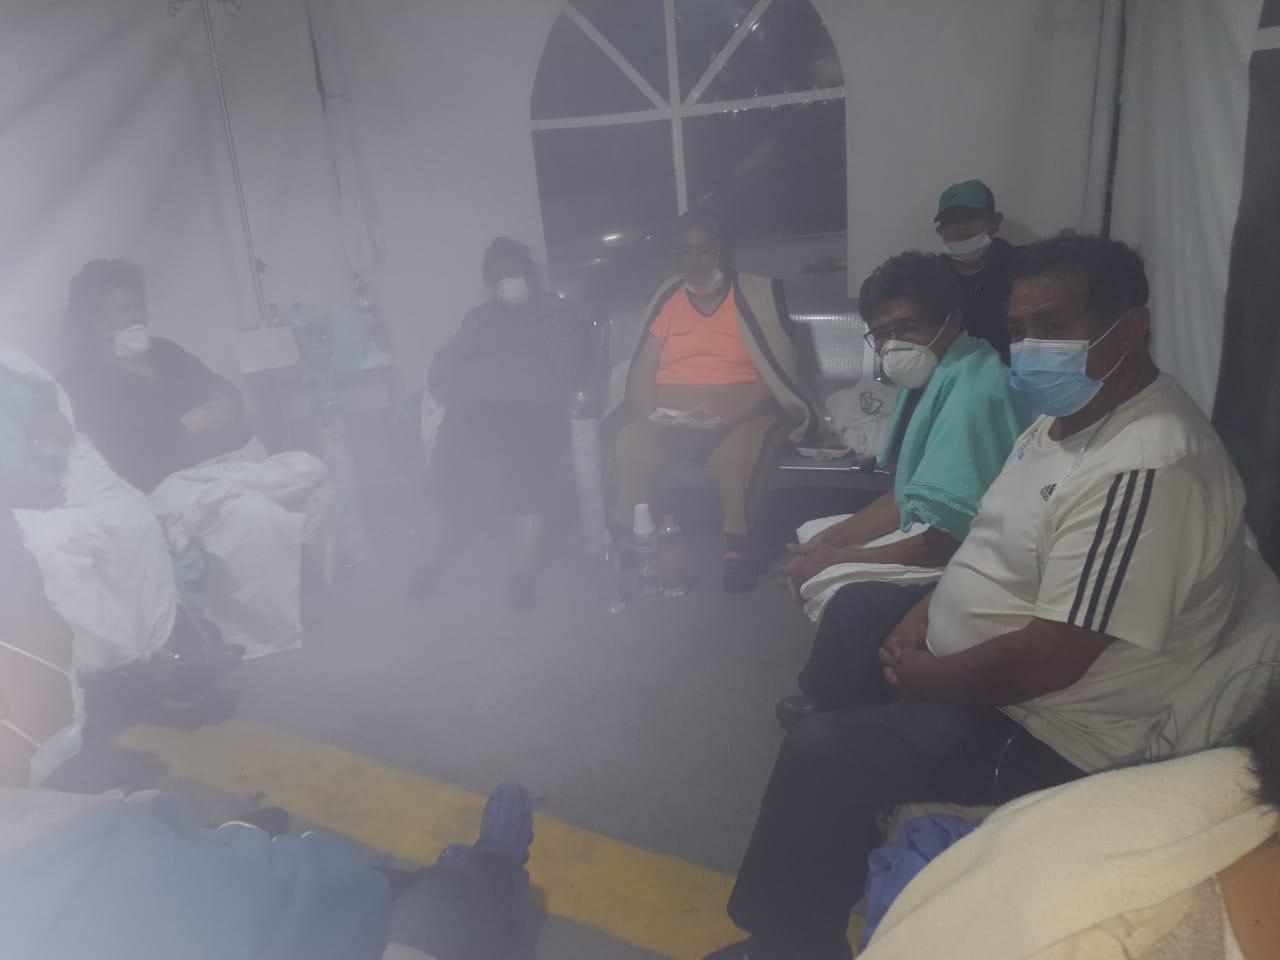 Pacientes sospechosos de COVID duermen en sillas y colchonetas: así la saturación en Hospital de Iztacalco (Ciudad de México)